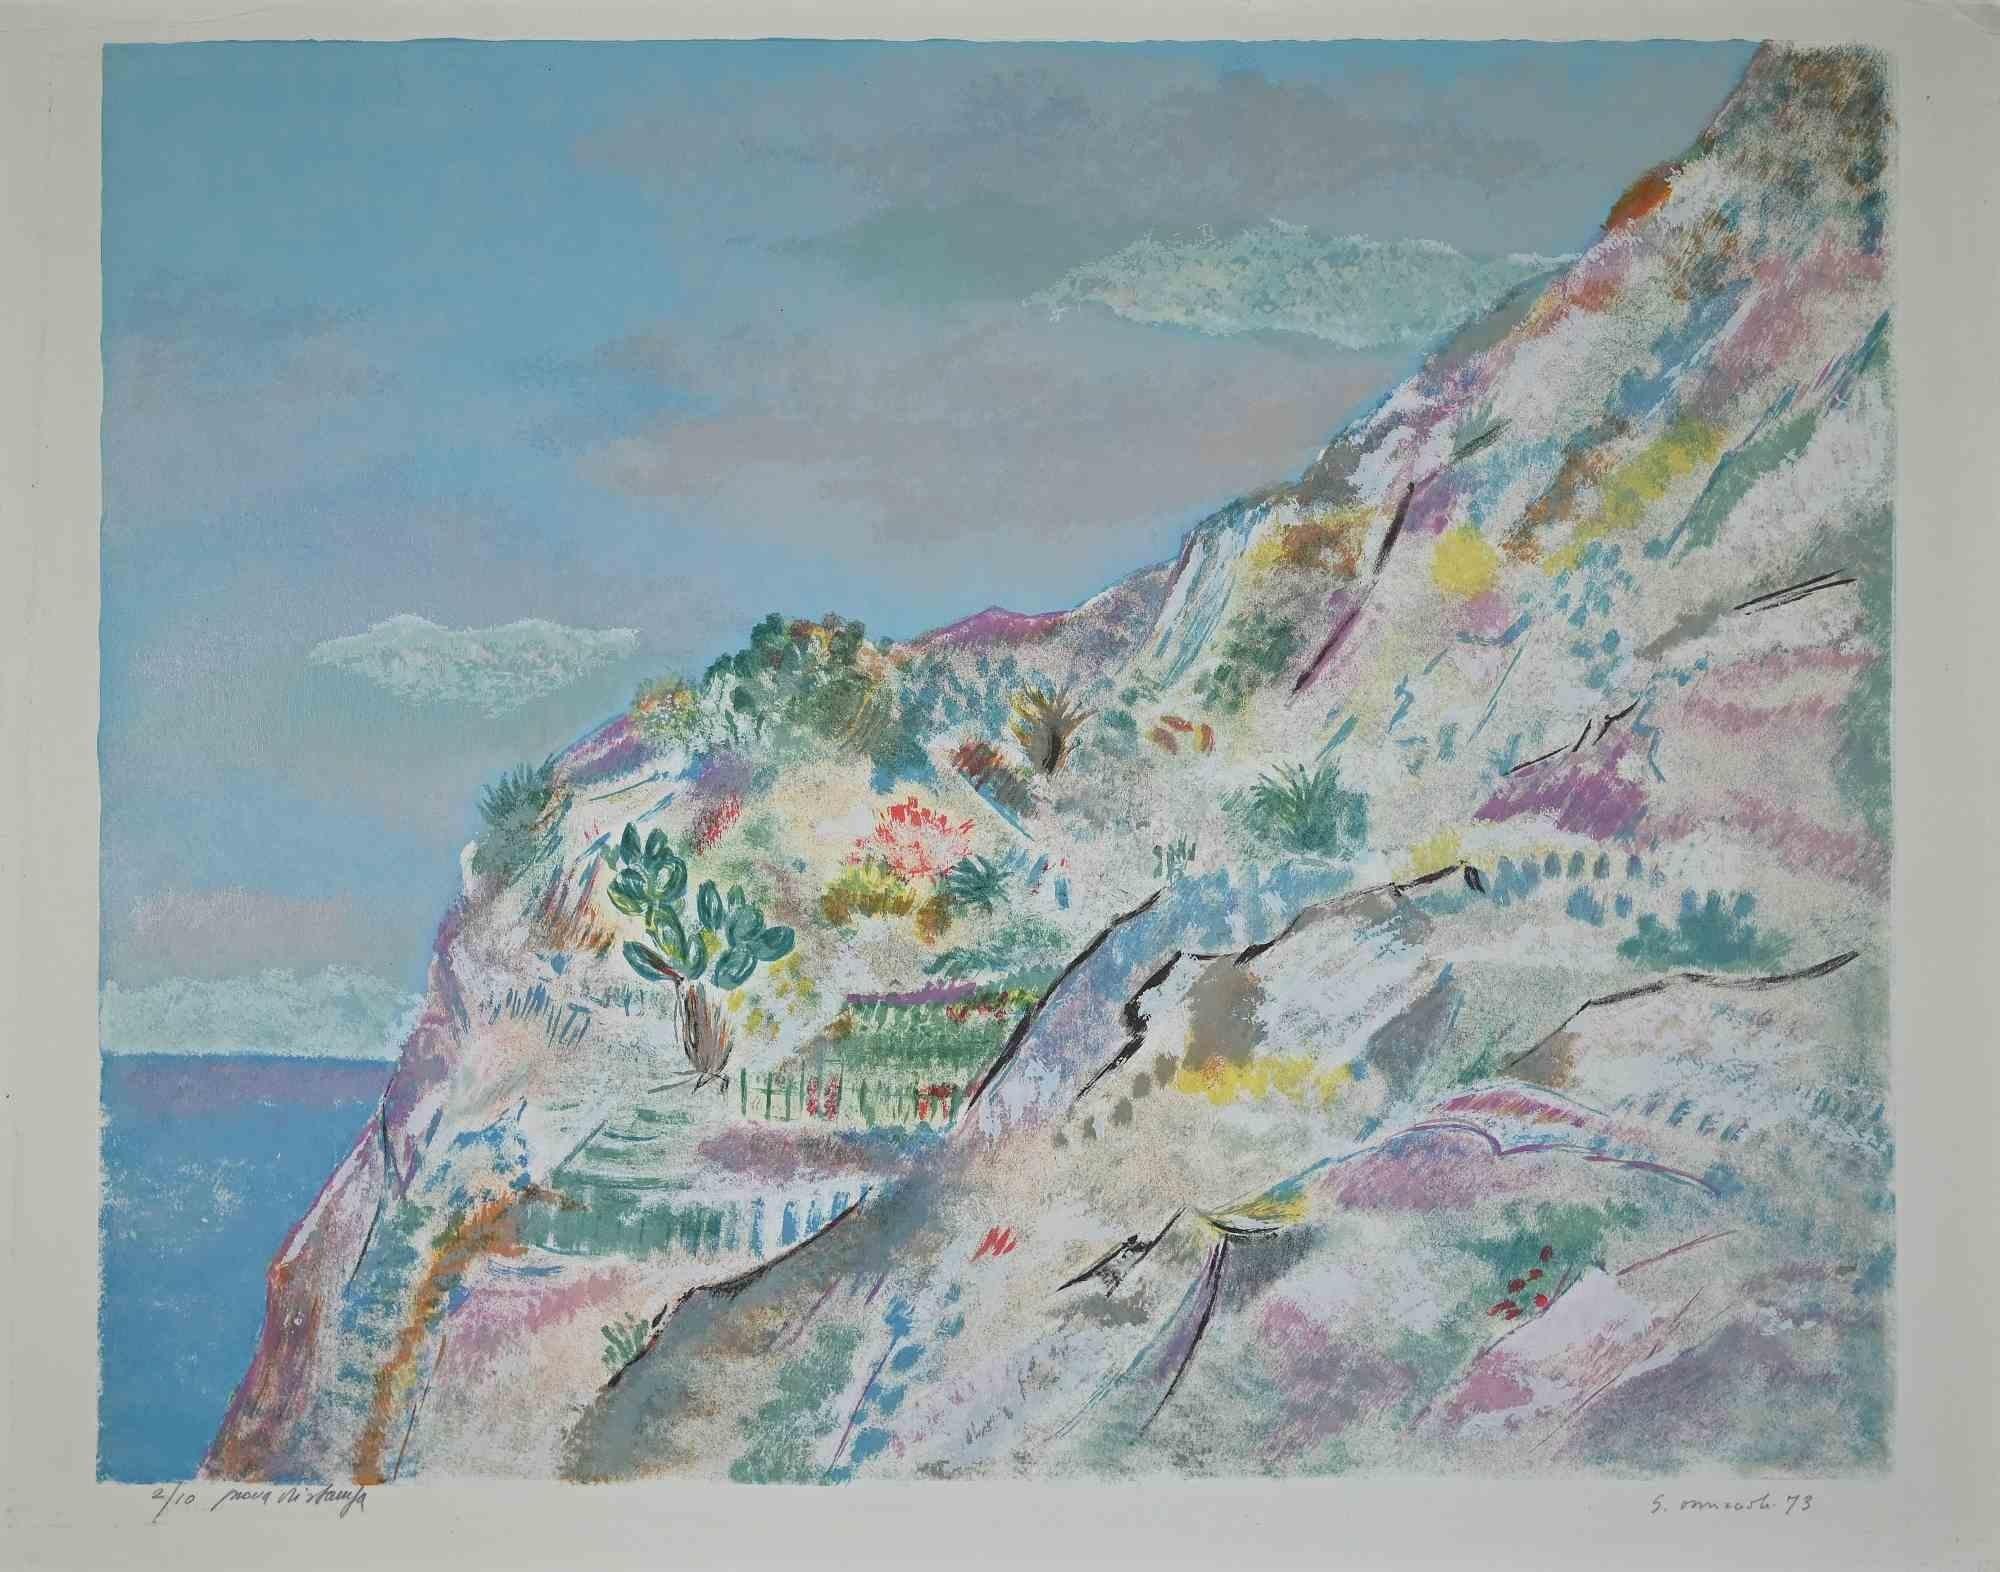 Cliffs - Original Lithograph by Giovanni Omiccioli - 1973